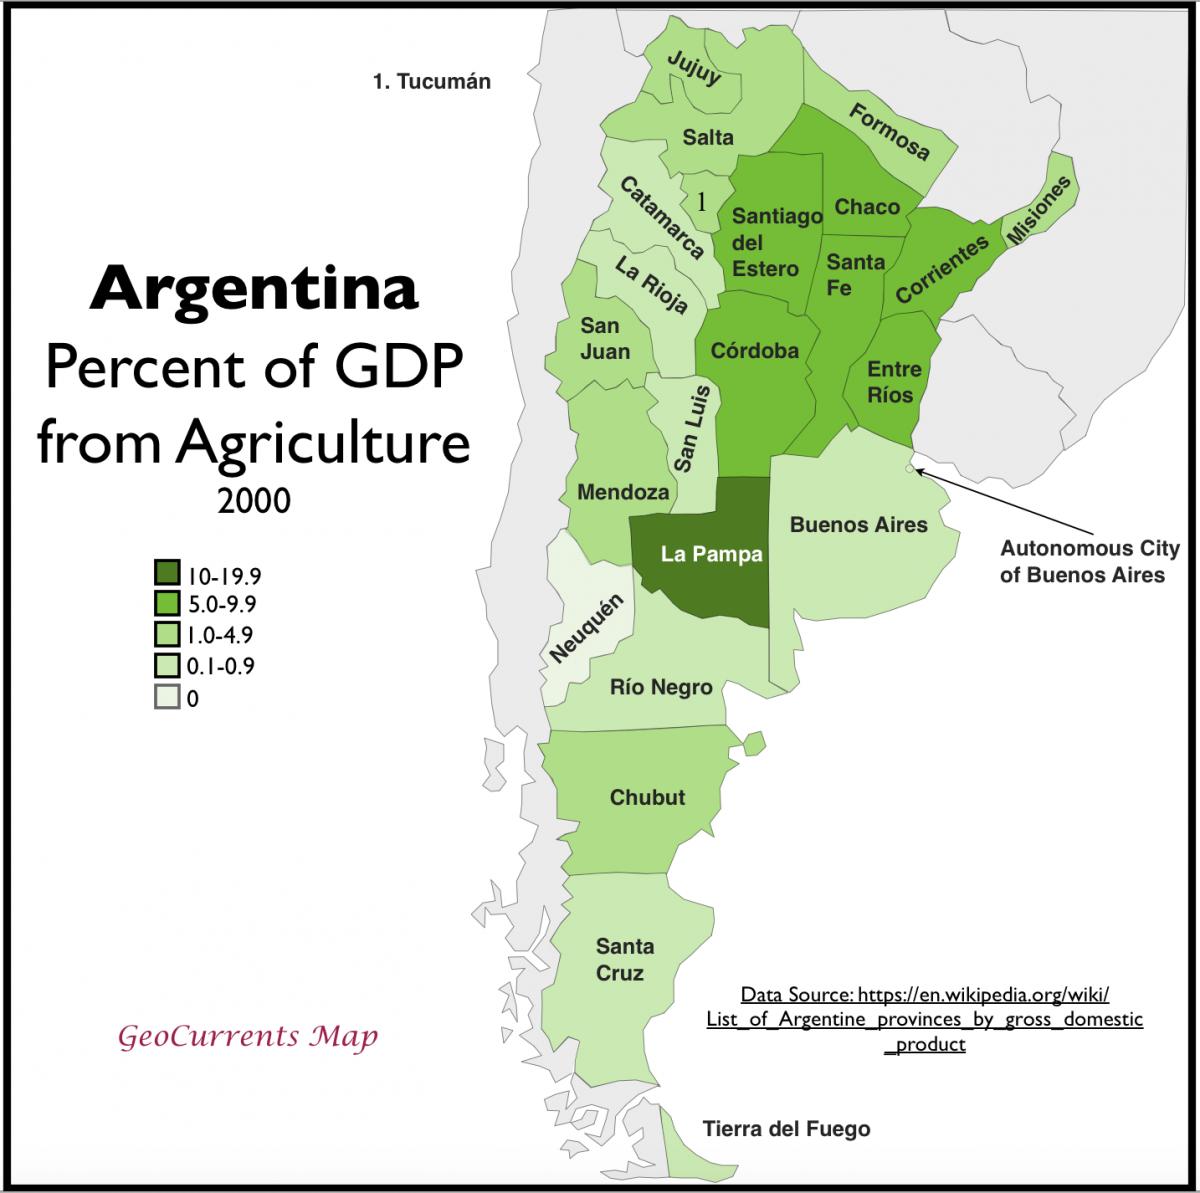 карта провинций Аргентины